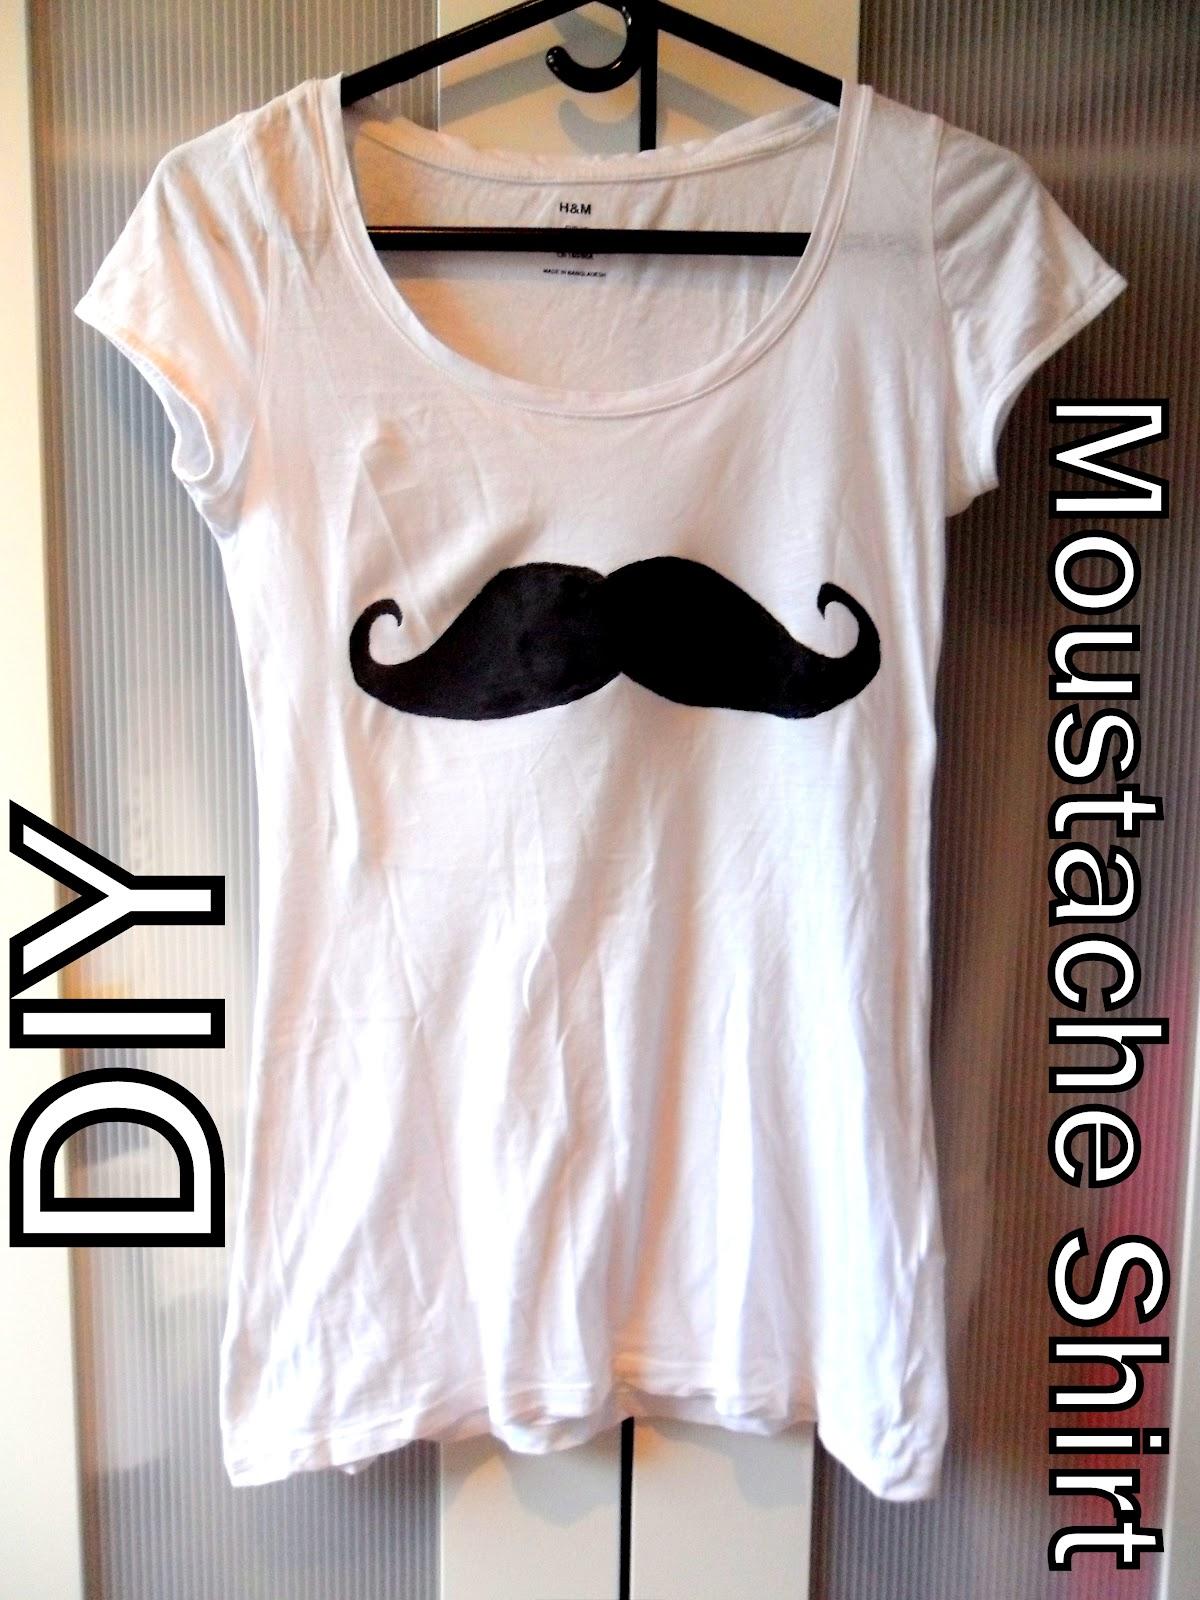 DIY moustache t-shirt | DIY tutorials by Kate